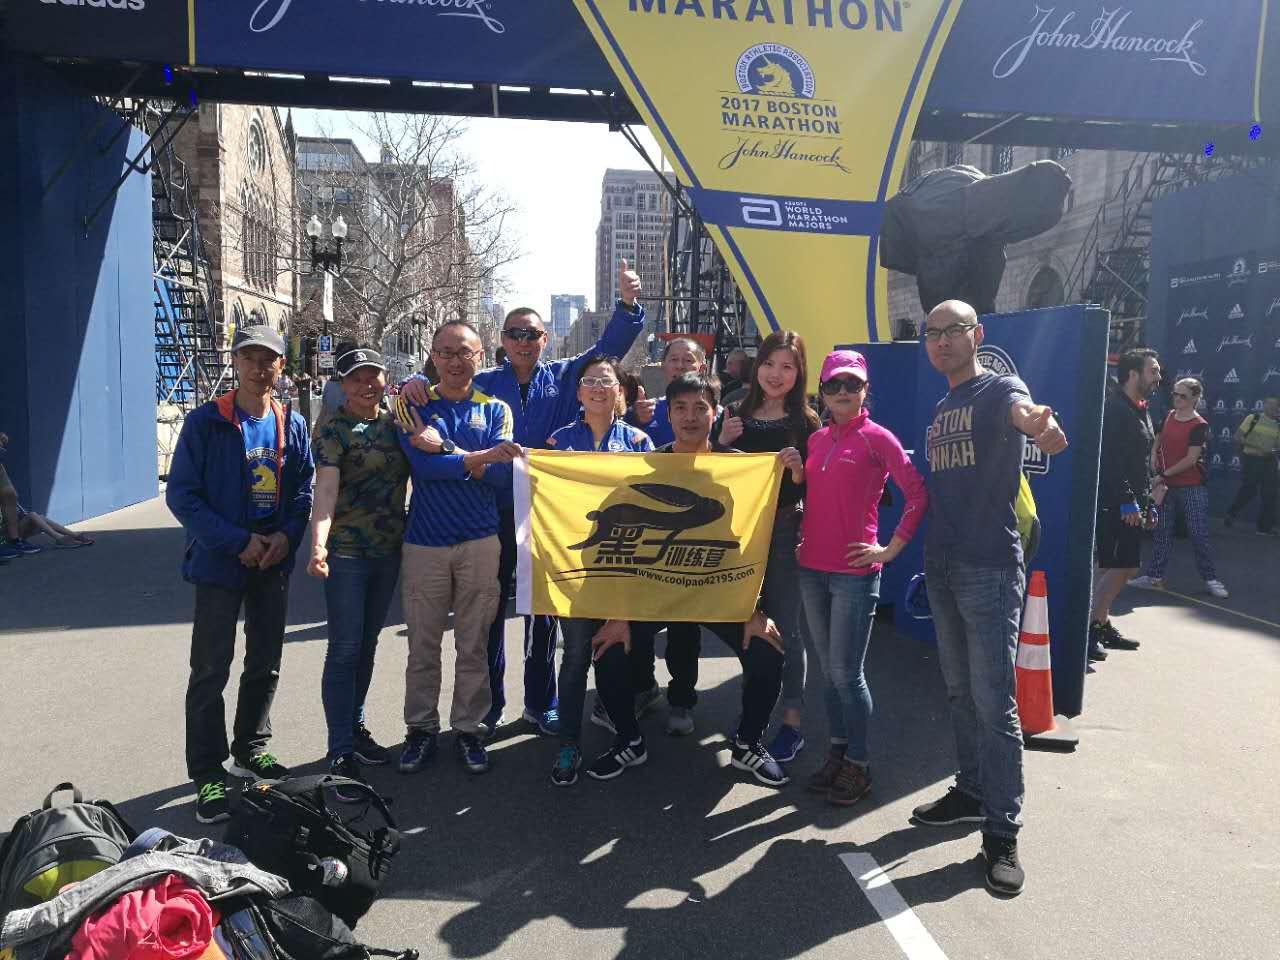 「二姑娘波馬團」20多名成員一起來到波士頓參加馬拉松賽。圖為部分成員賽前在終點線附近合影。(李泠然提供)